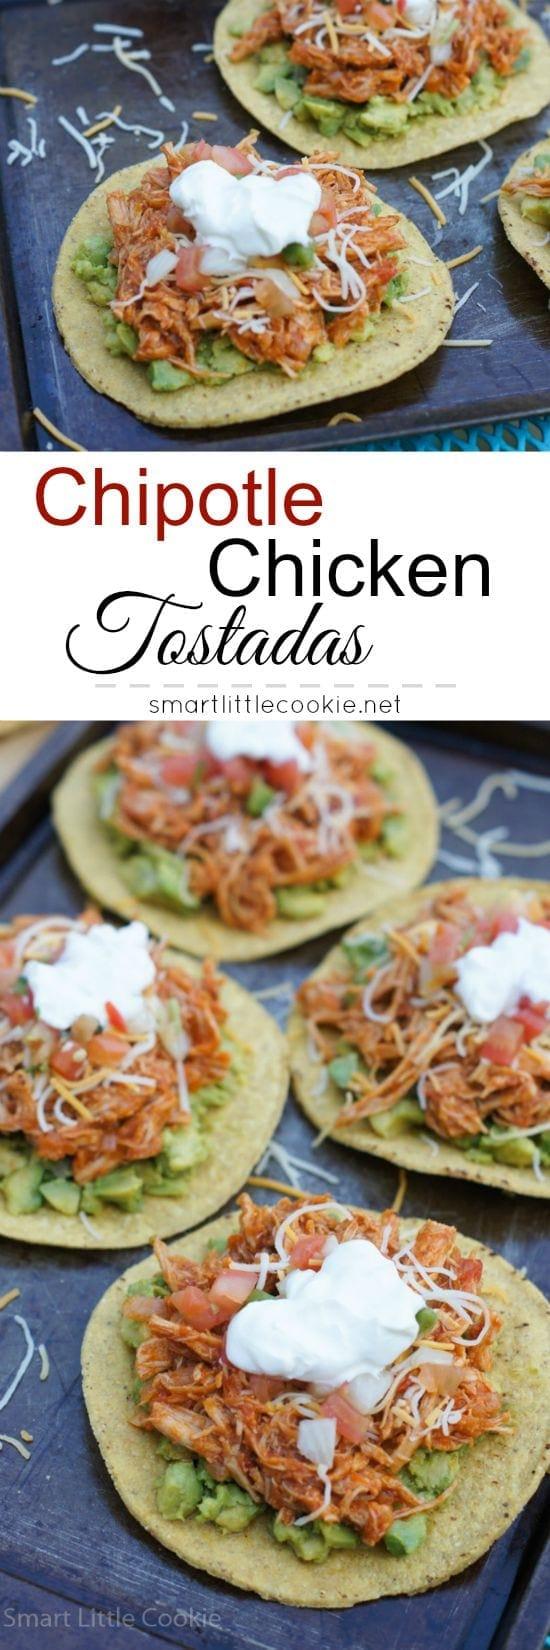 Chipotle Chicken Tostadas | smartlittlecookie.net